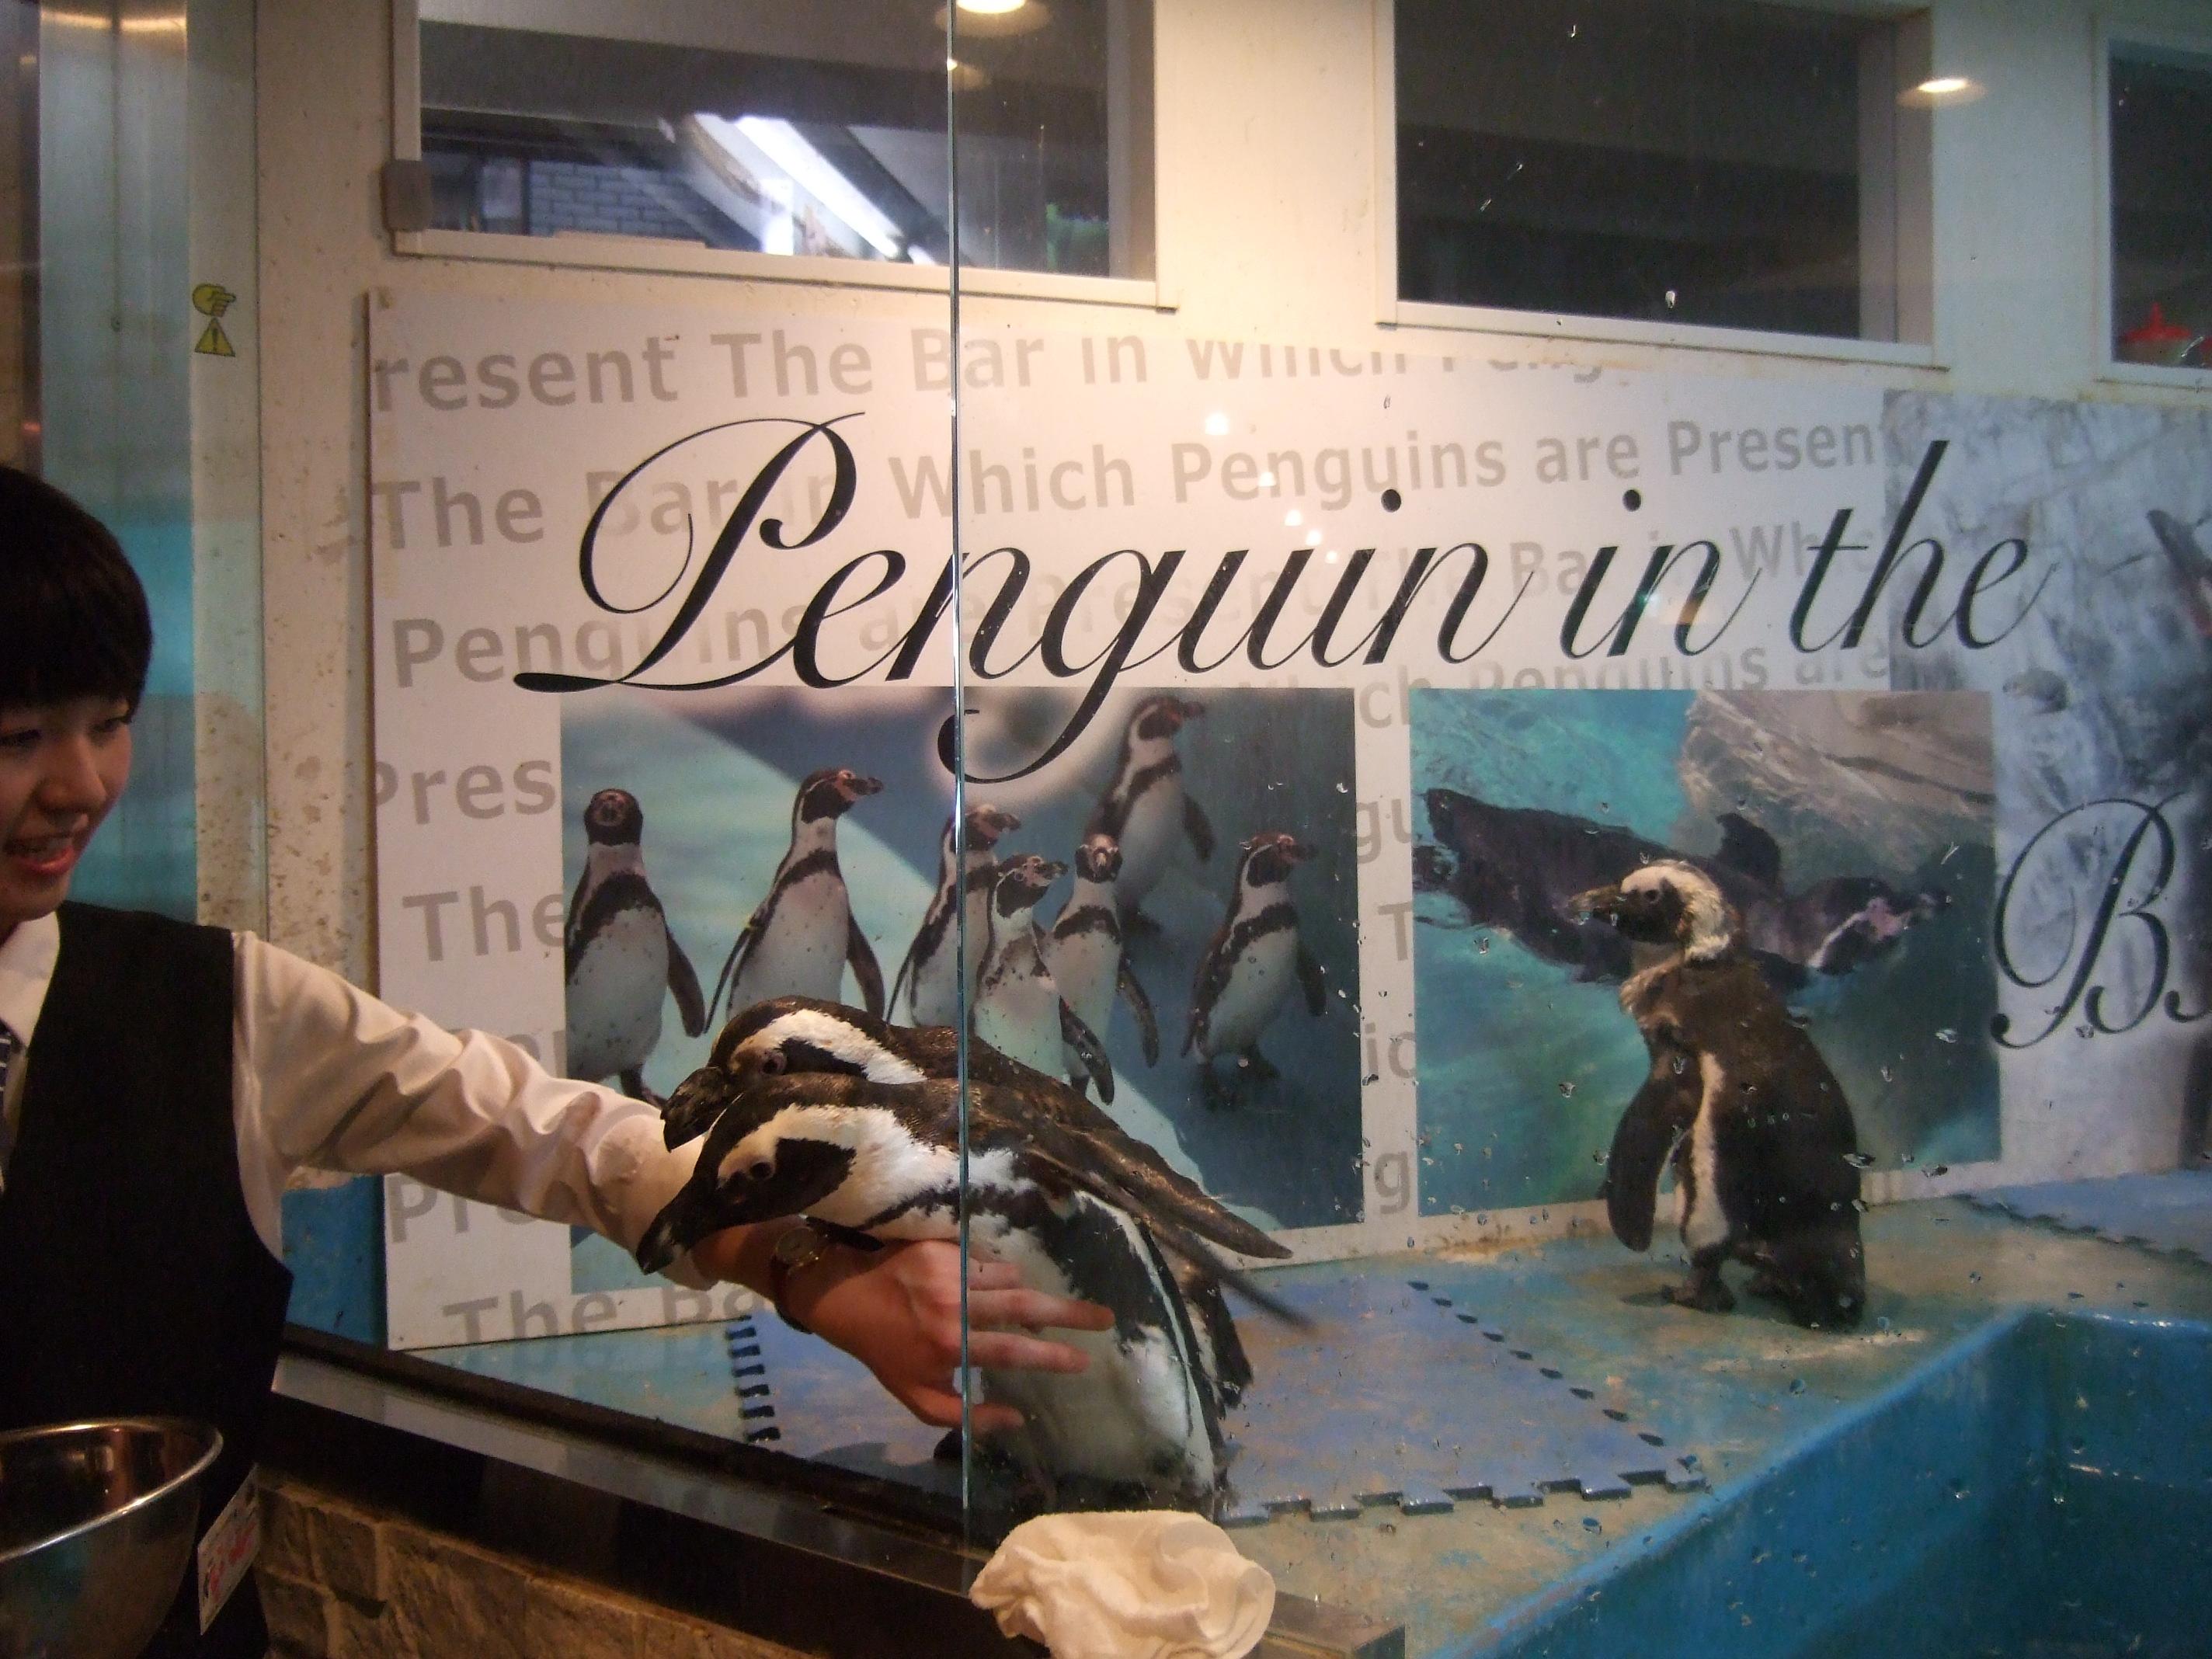 水槽から出てきそうな勢いのペンギン